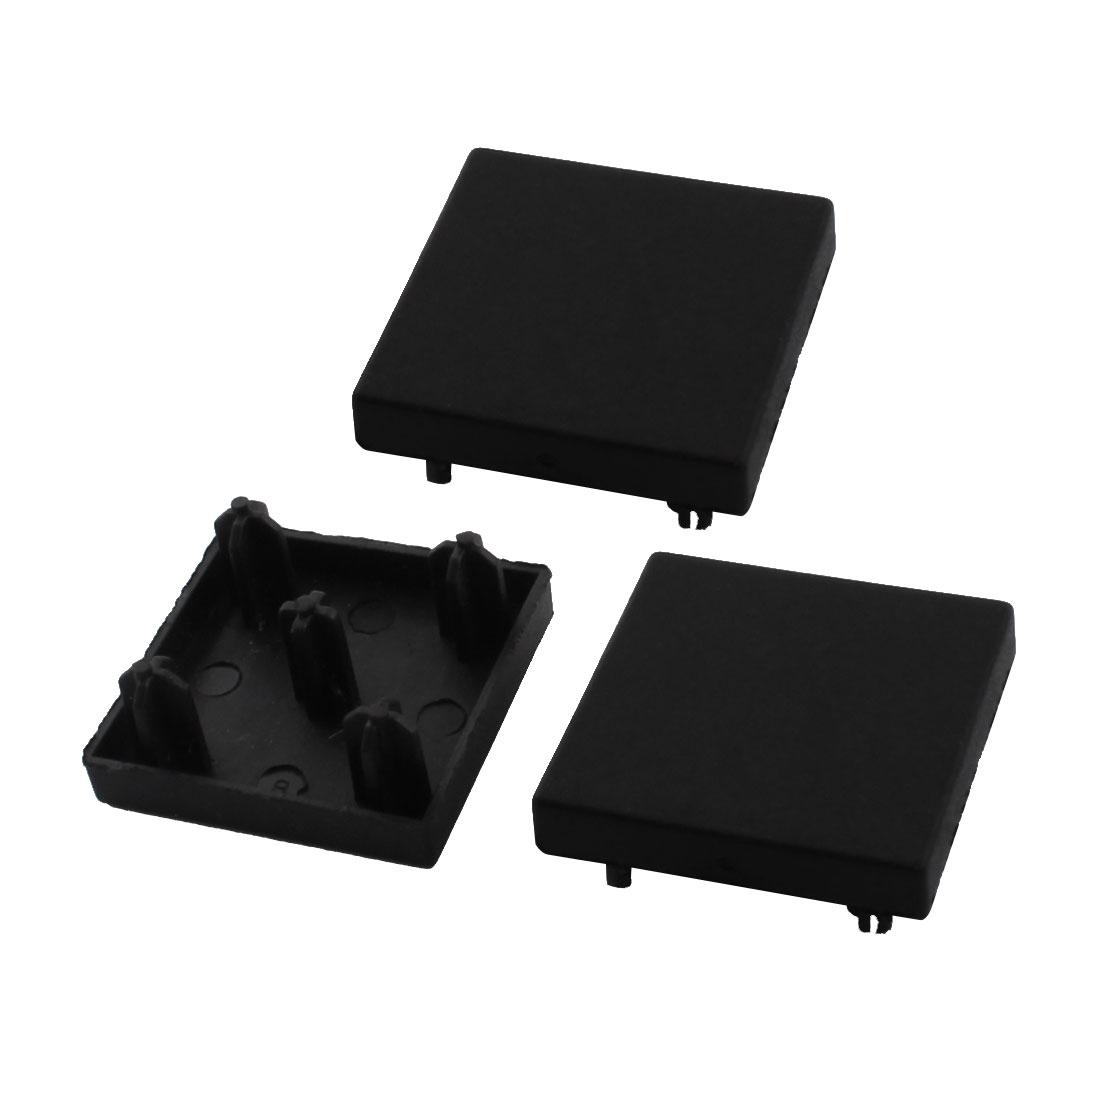 T-Slot Aluminum Profile Part Square Black Extrusion End Cap Cover 30mm x 30mm 3Pcs